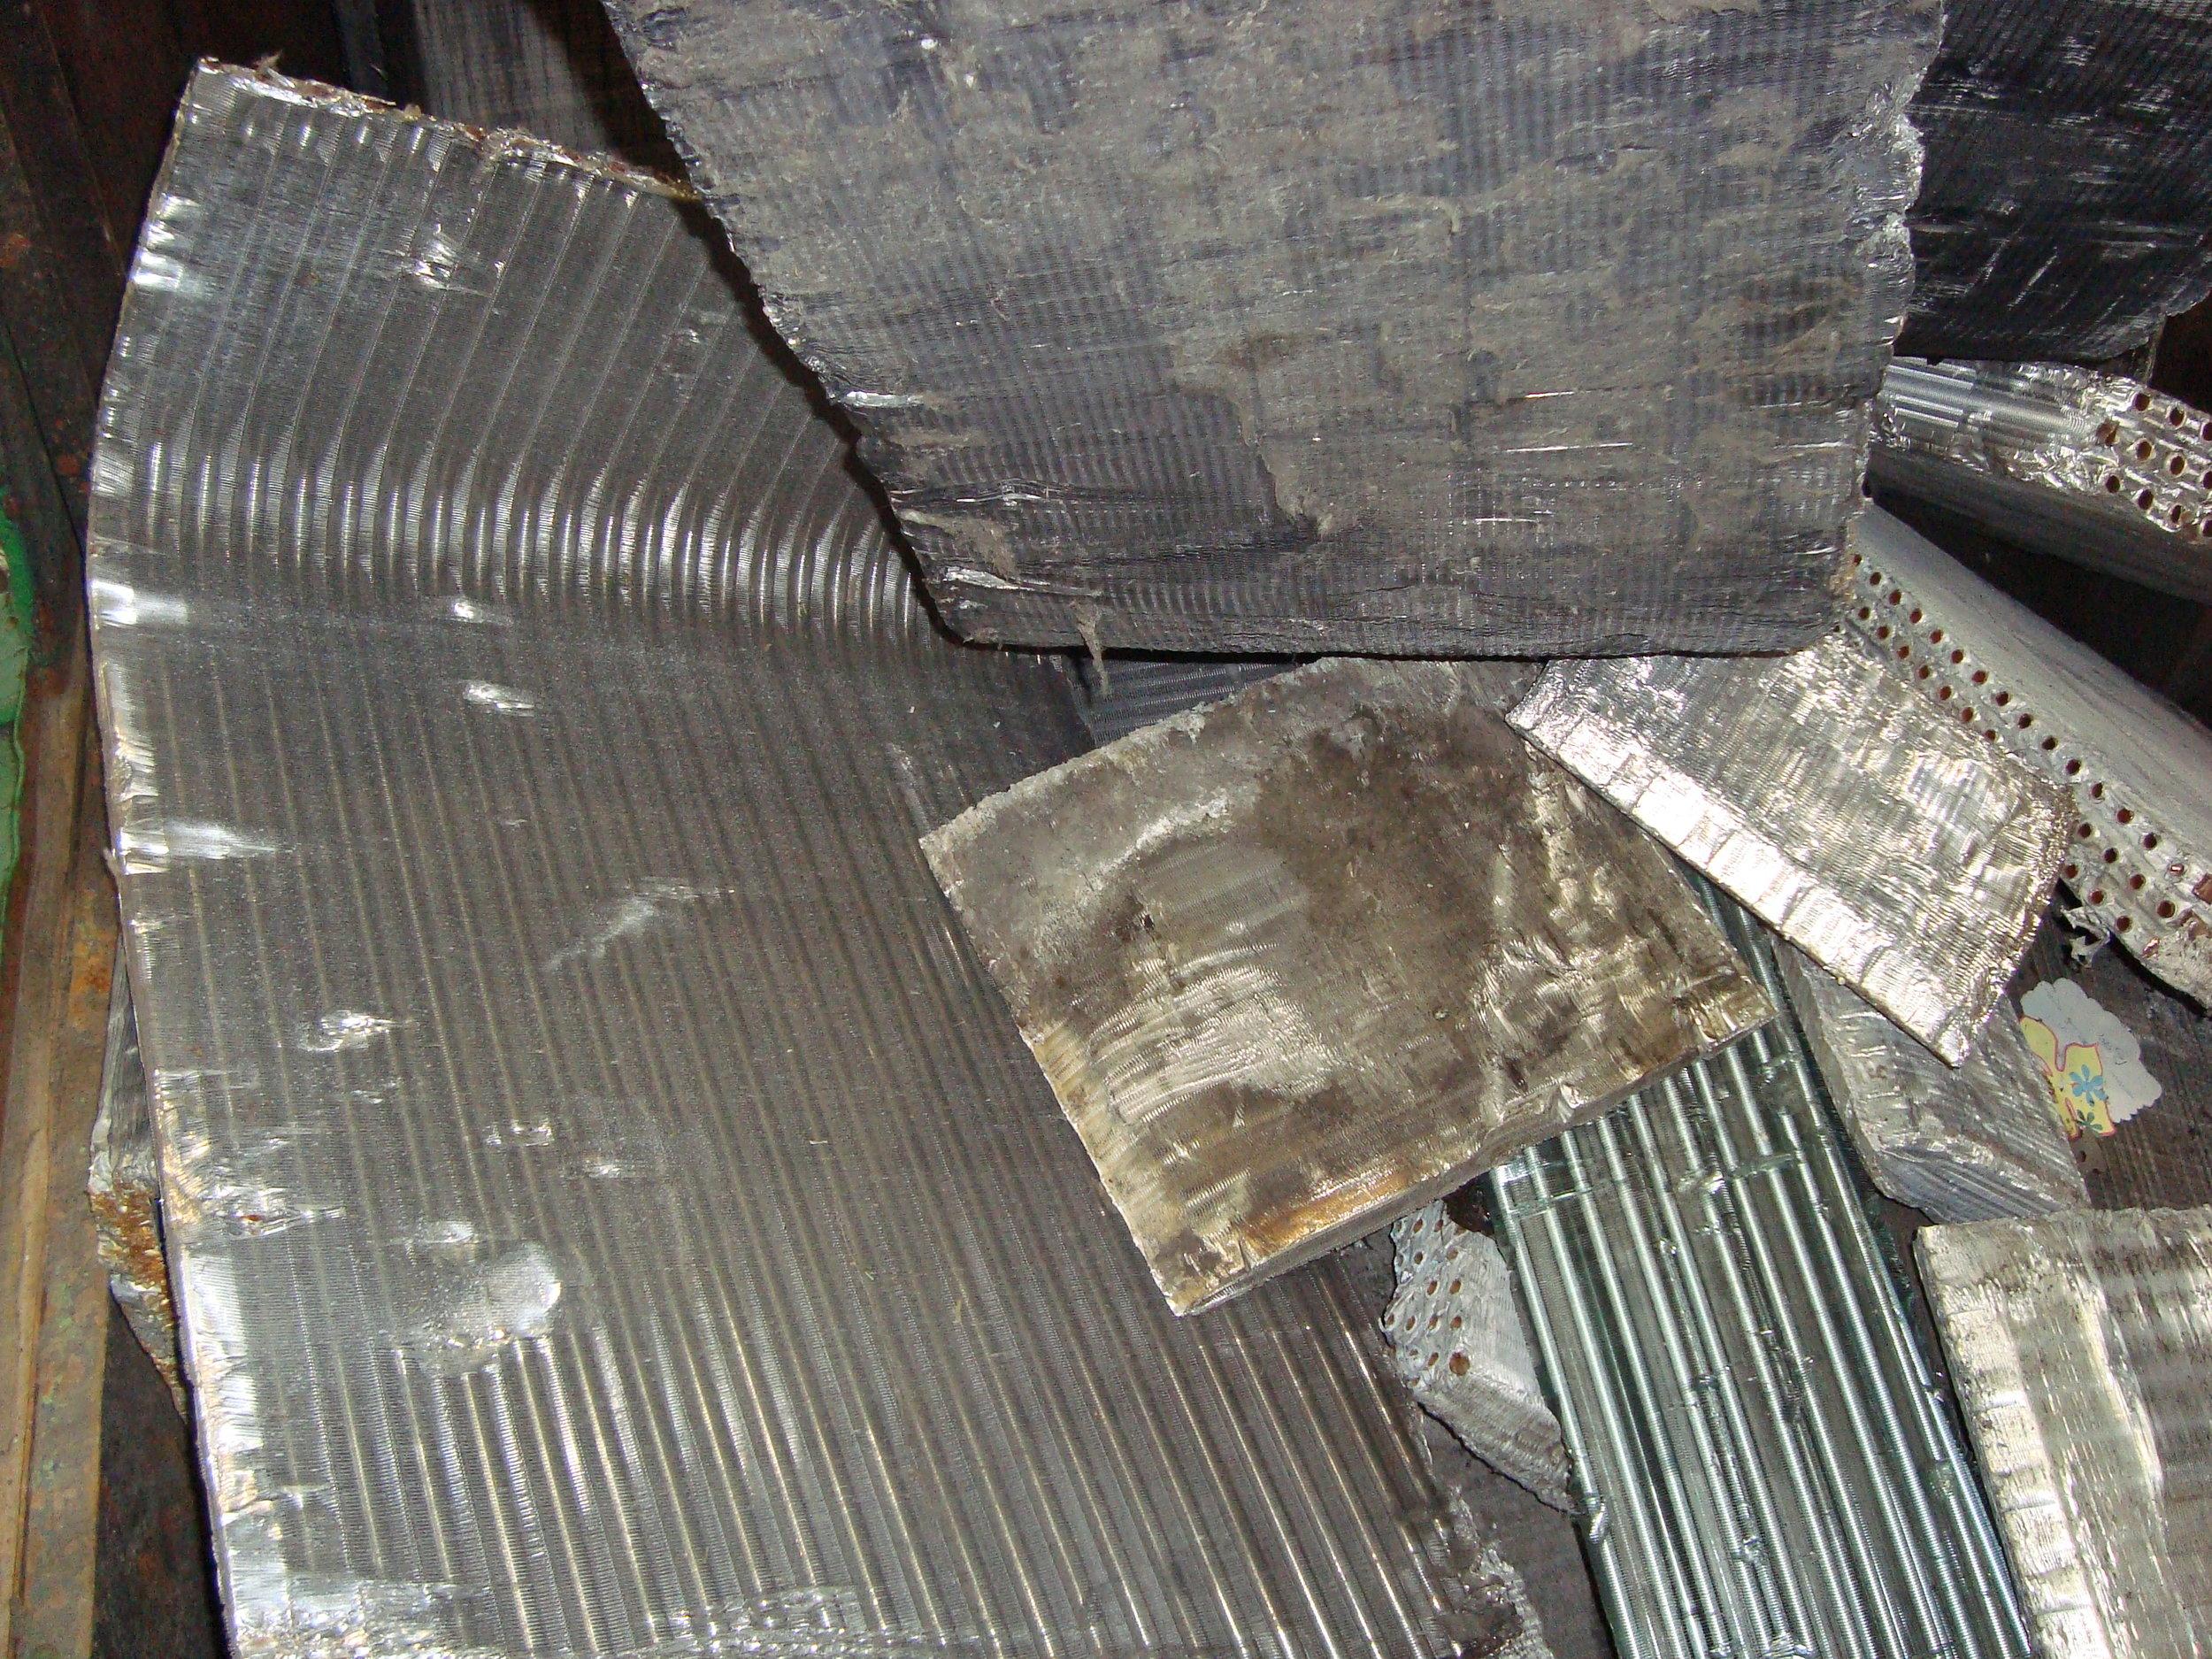 Aluminum Copper Radiator.JPG